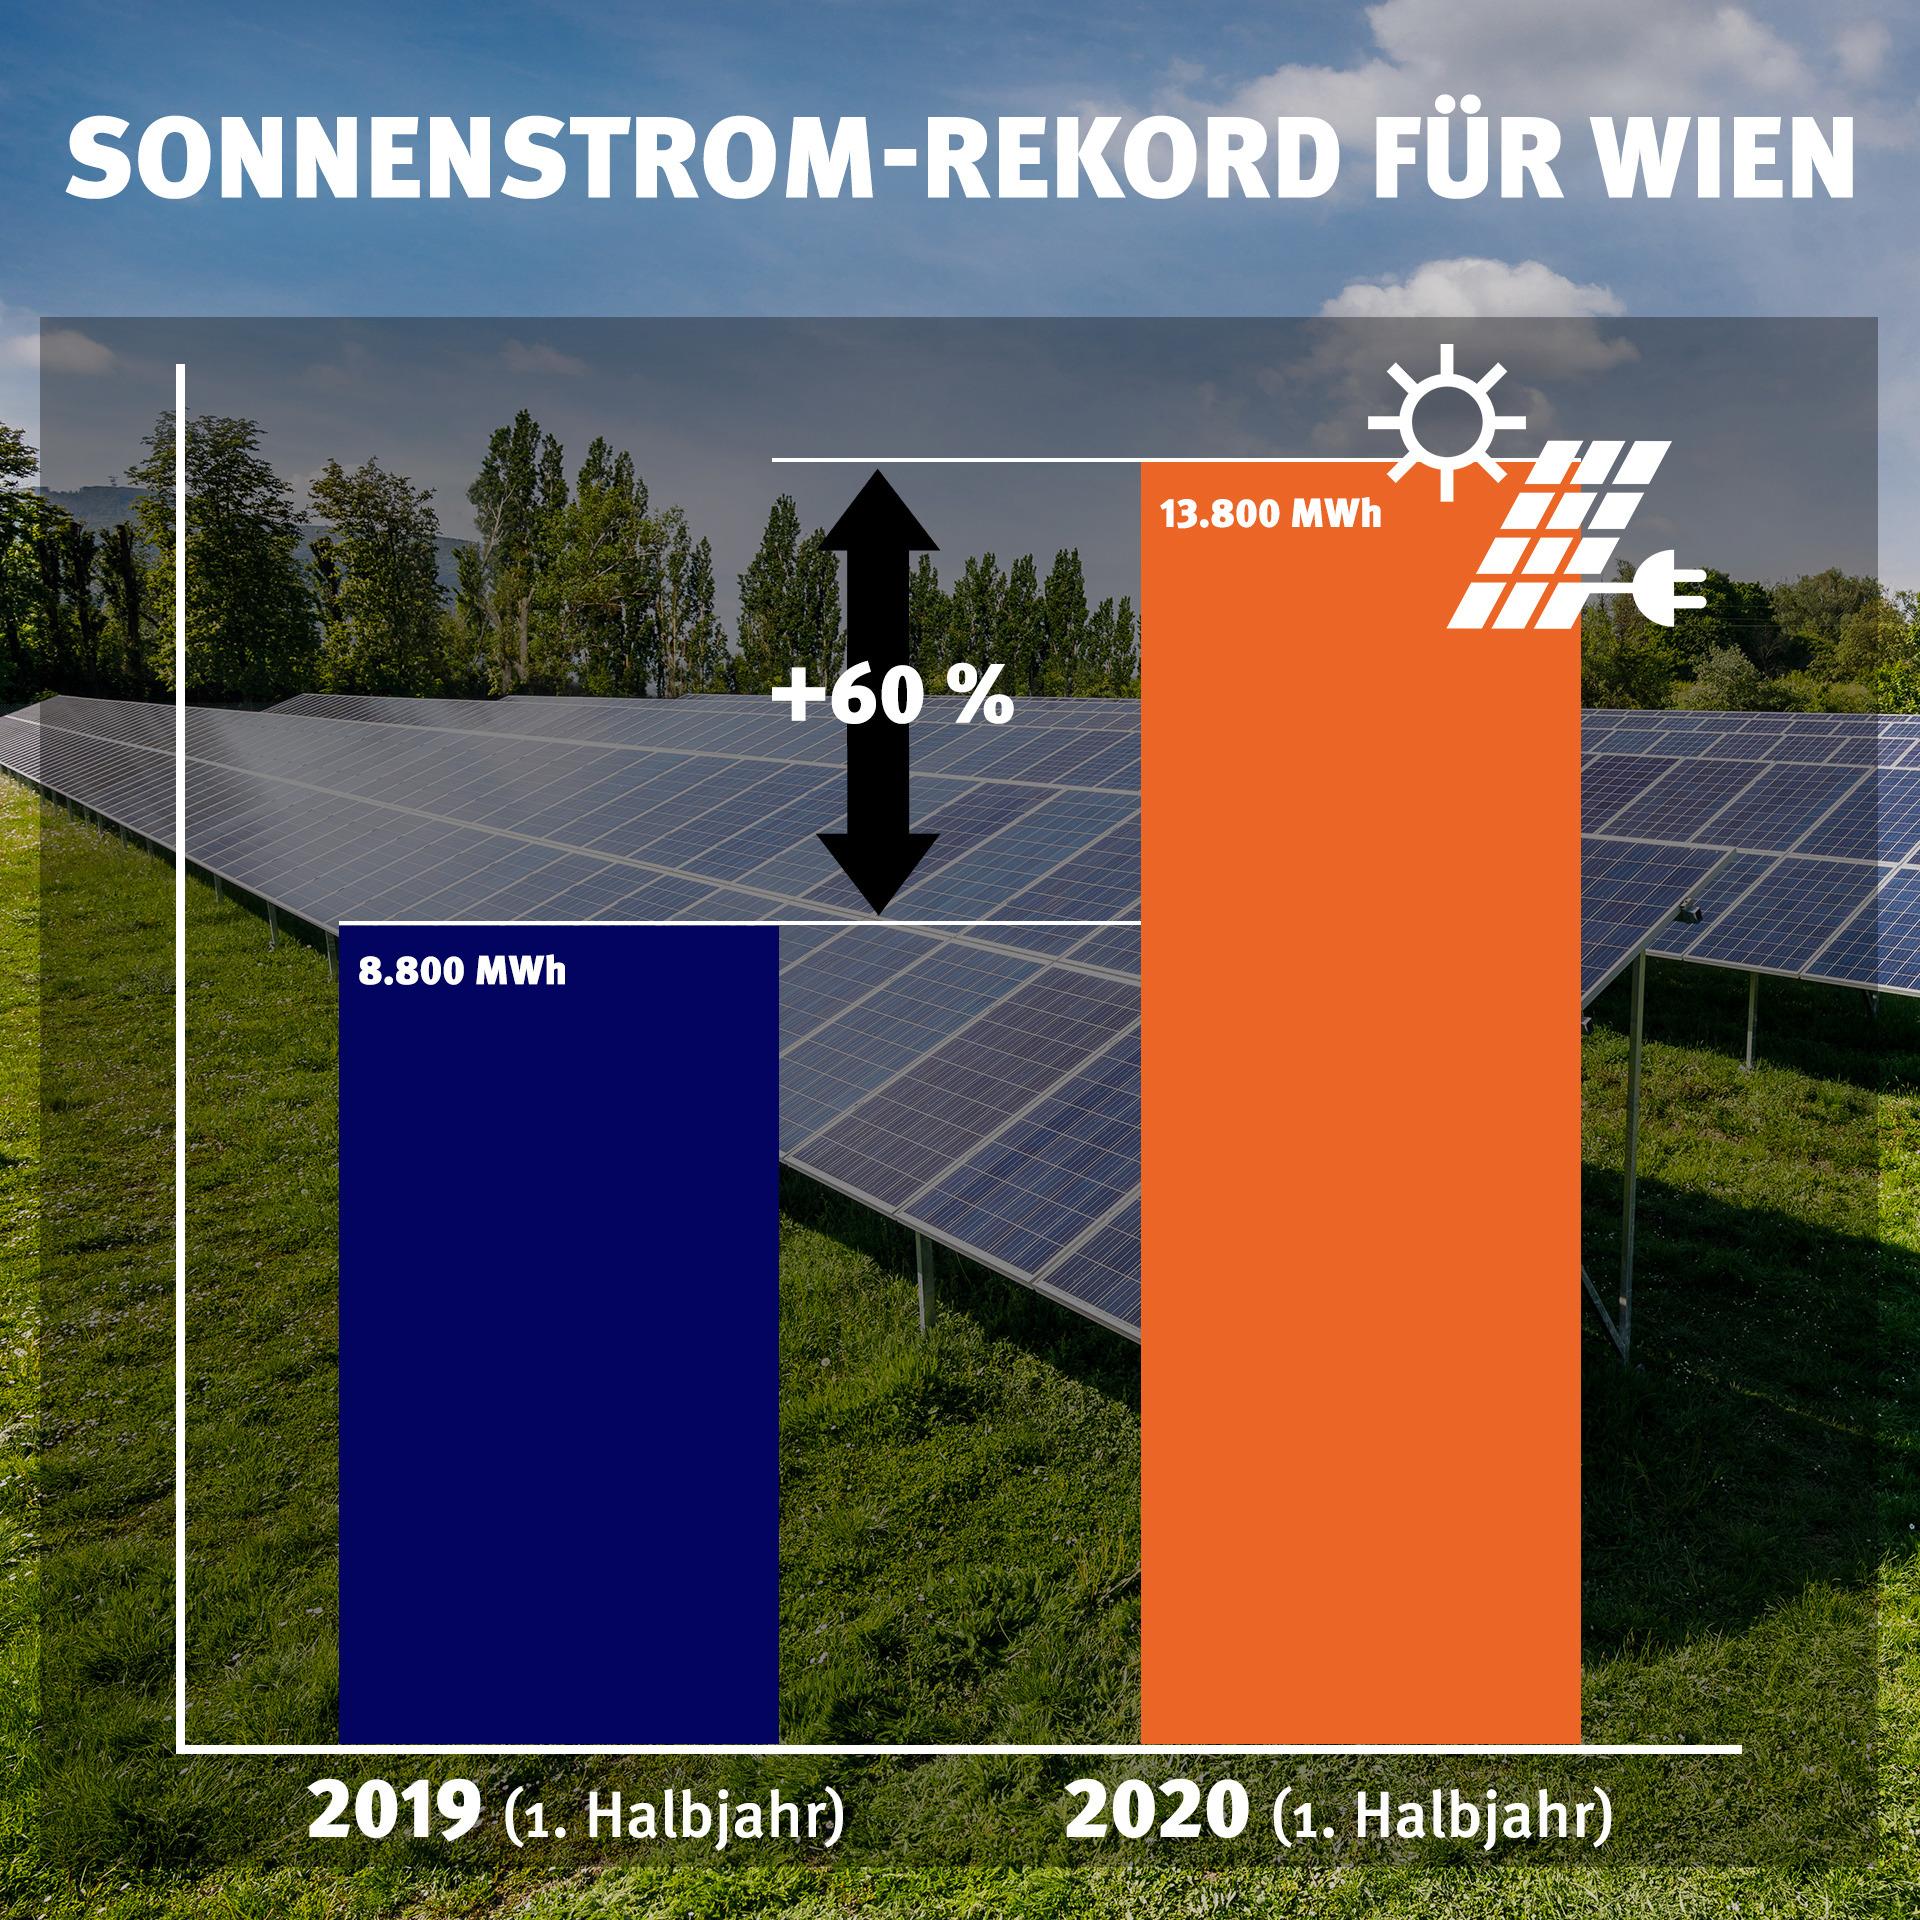 Das erste Halbjahr 2019 im direkten Vergleich zu heuer: Eine eindrucksvolle Steigerung. Grafik: © Wien Energie